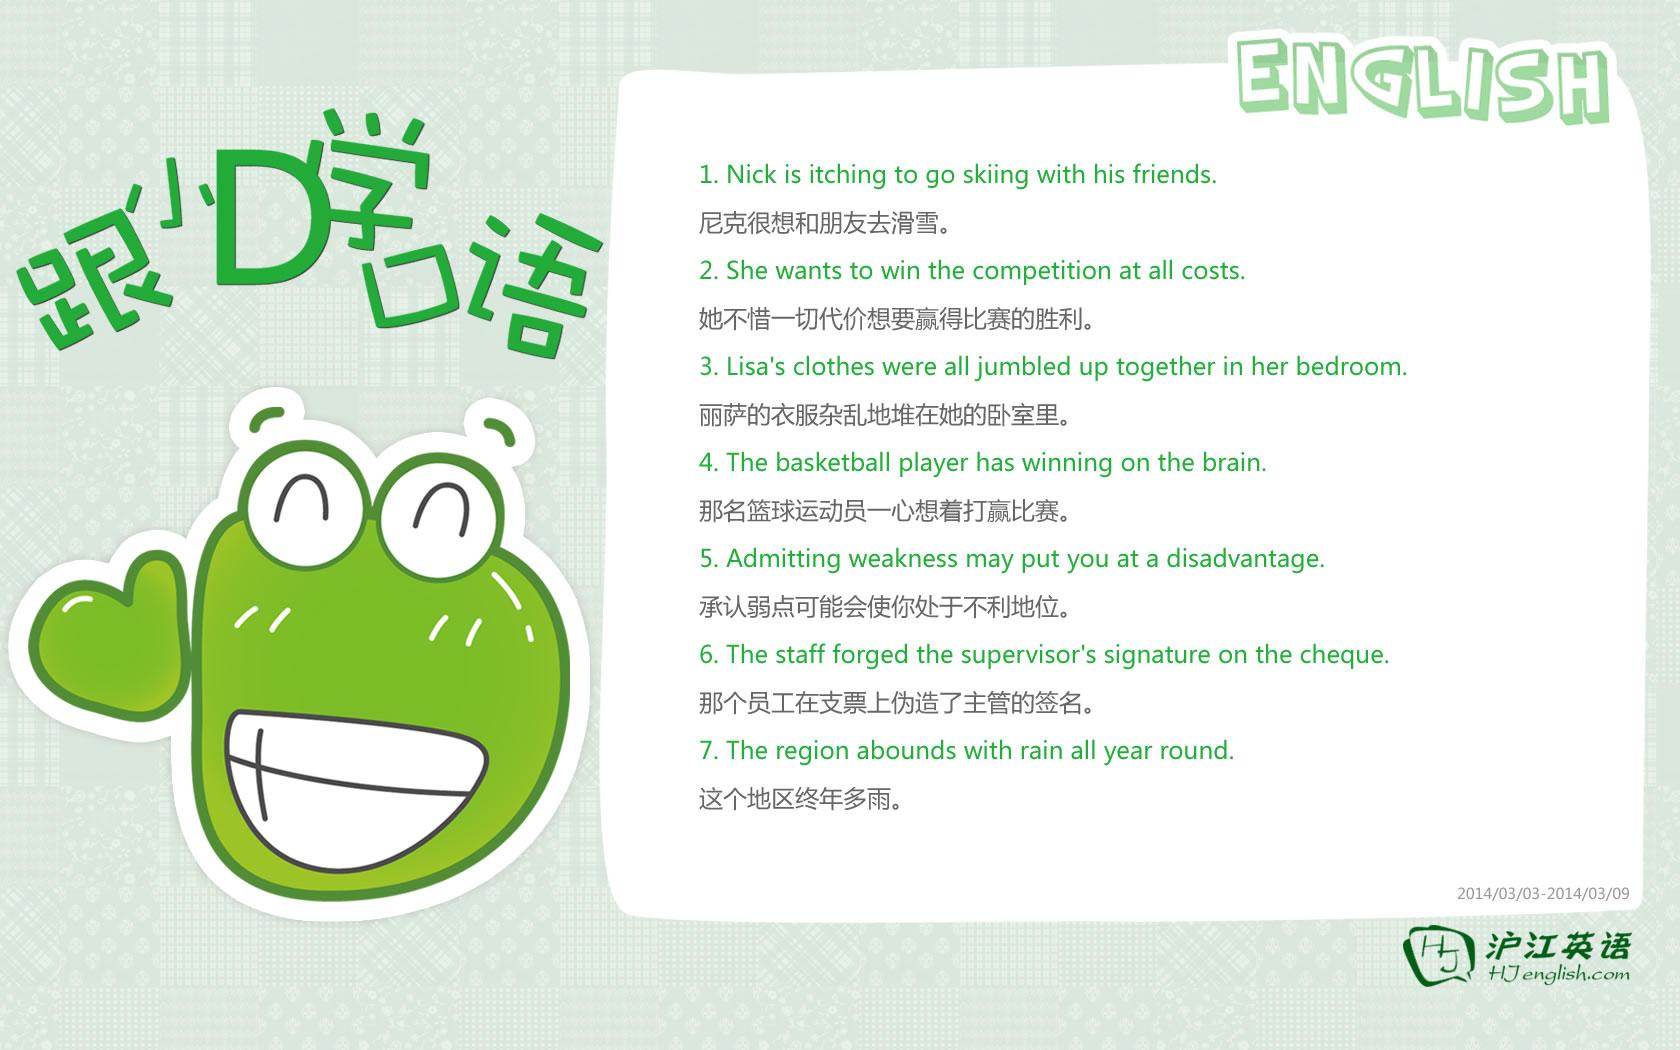 沪江英语学习网